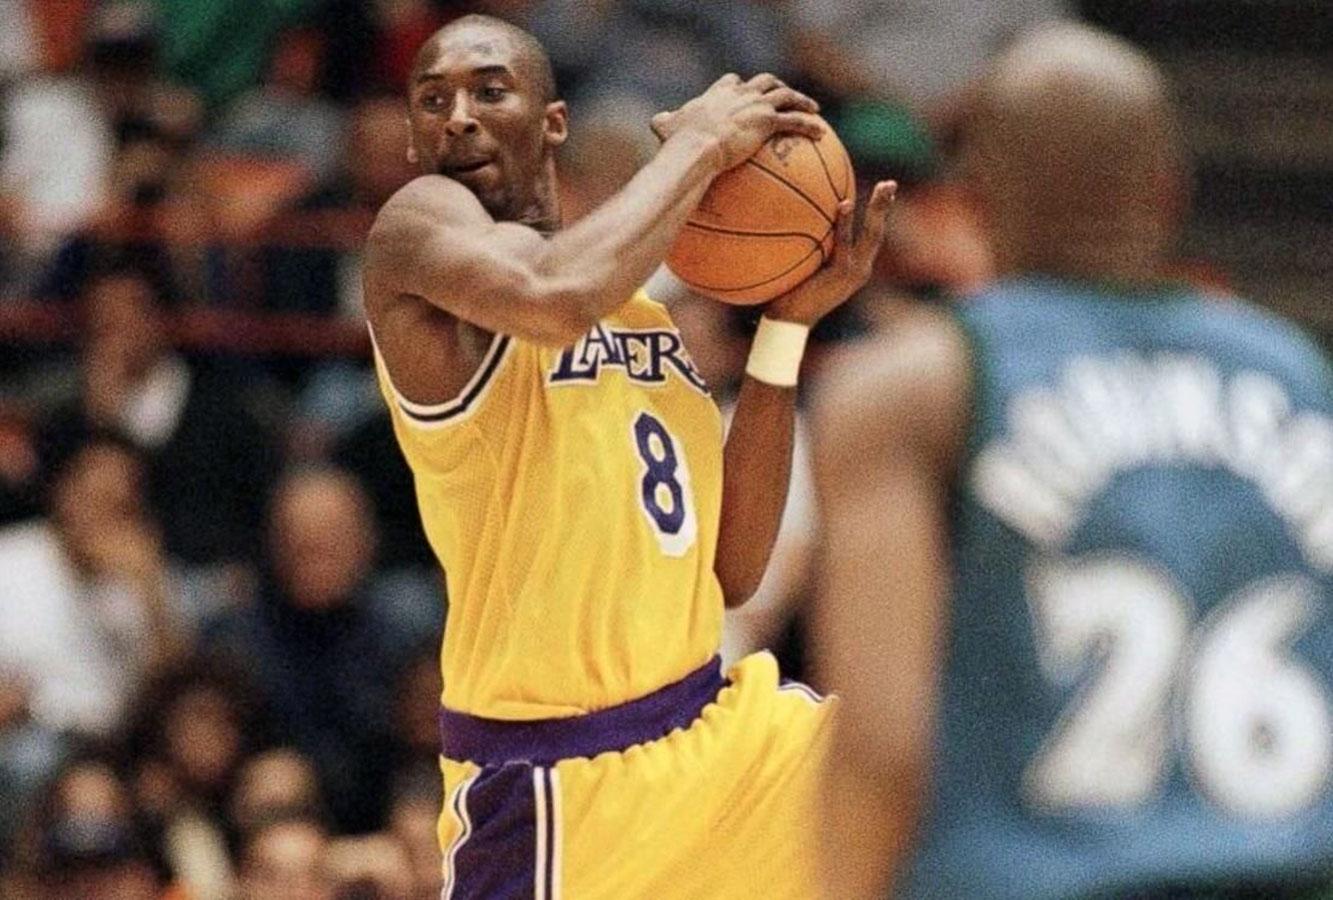 Kob Bryant Lakers debut